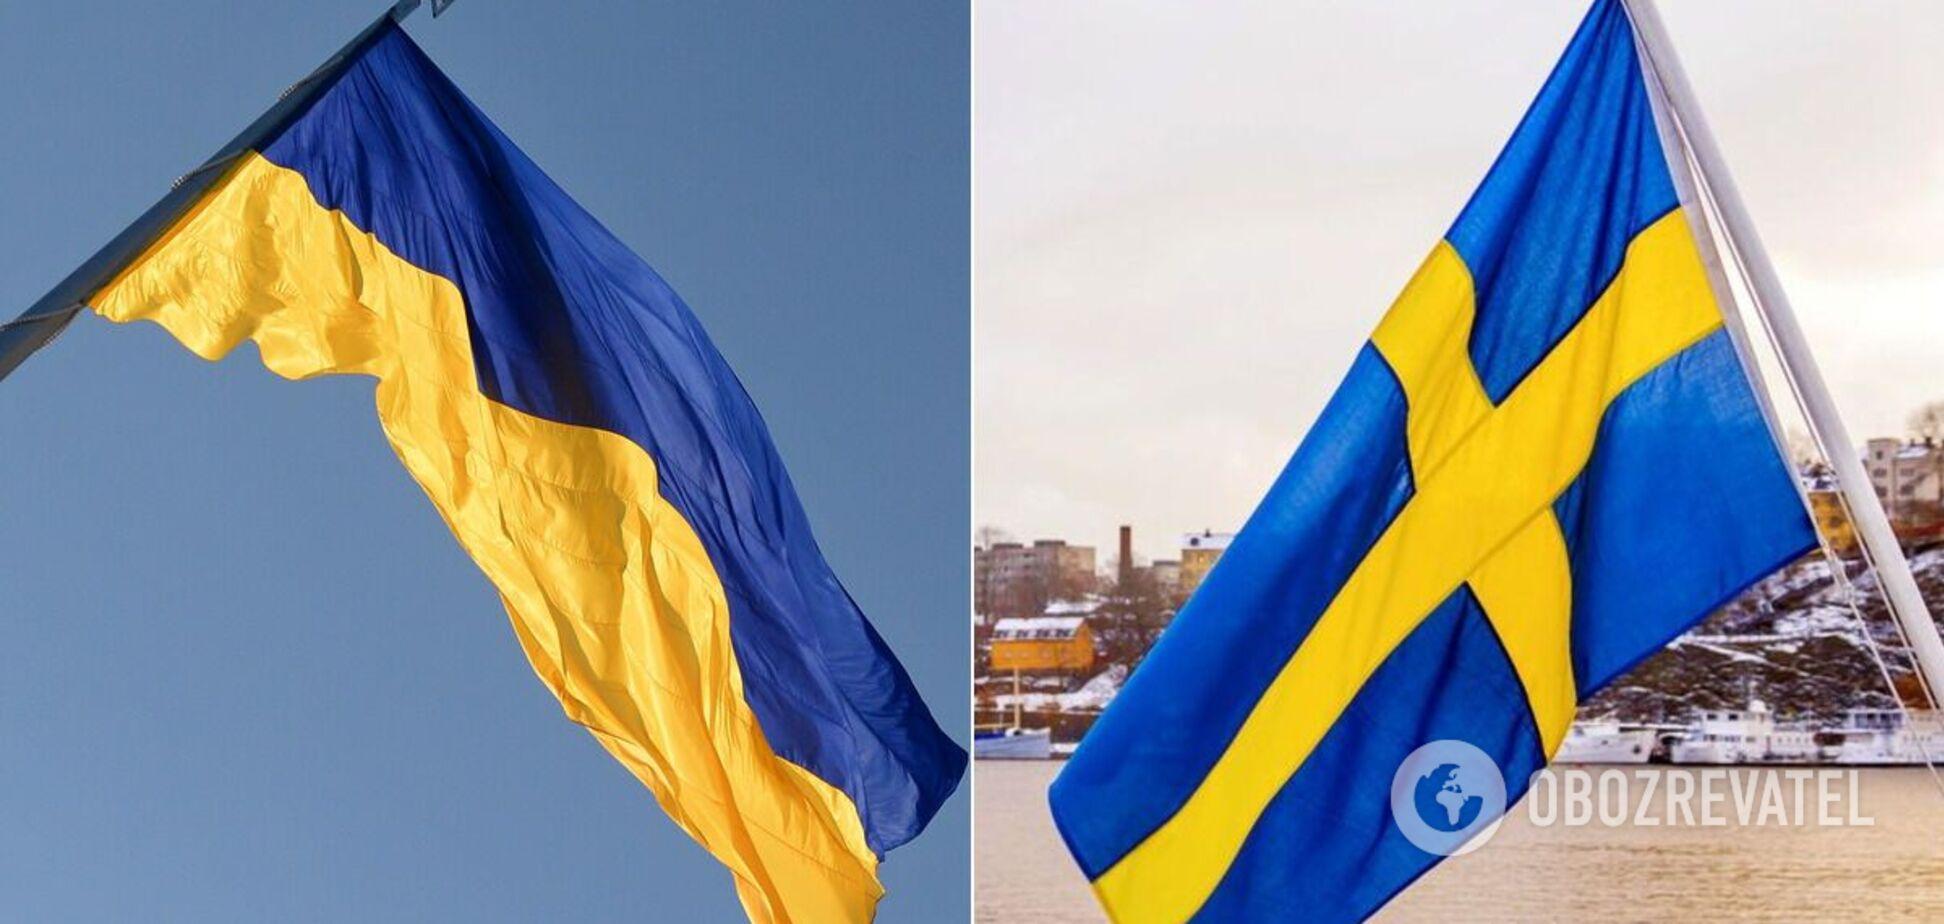 Разница между Украиной и Швецией: там вас будут лечить, а у нас вас будут закрывать